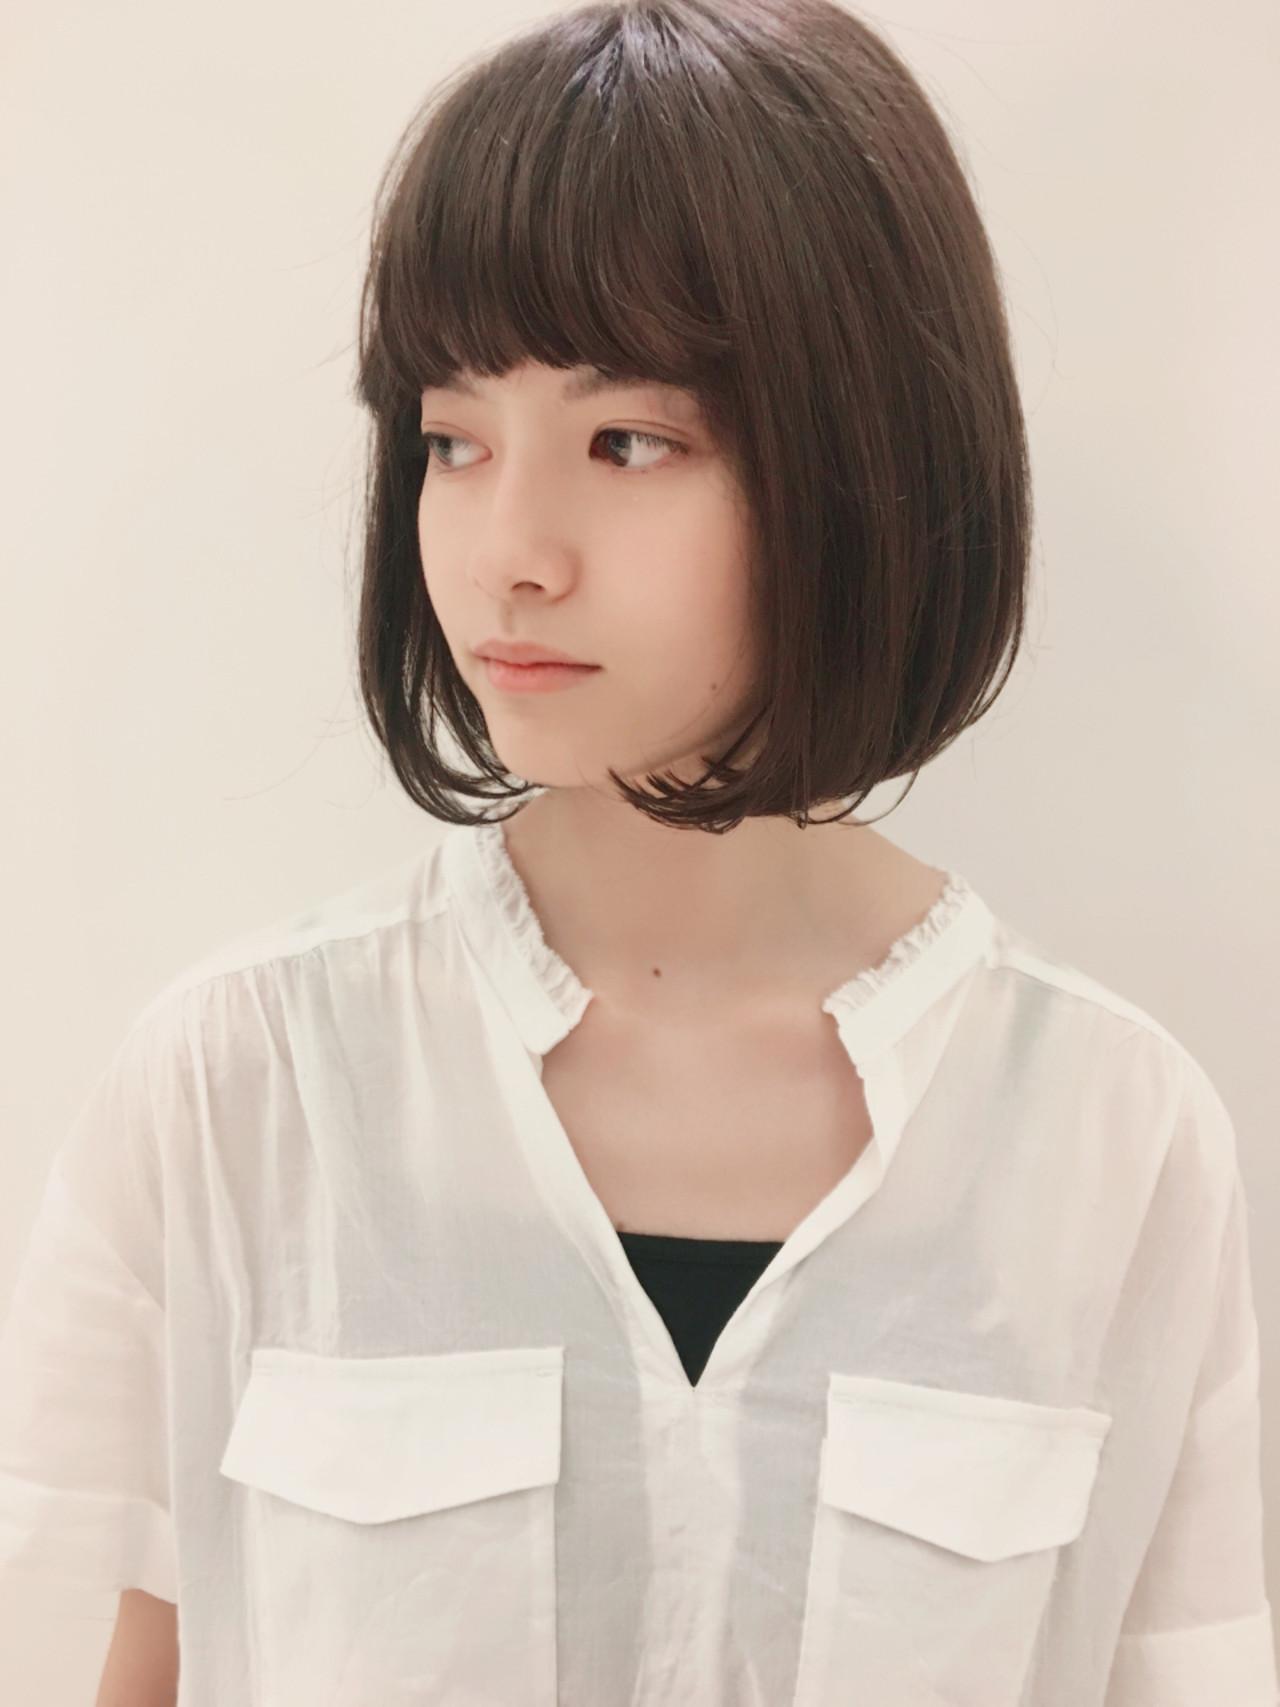 透明感 ワンカール ボブ フェミニン ヘアスタイルや髪型の写真・画像